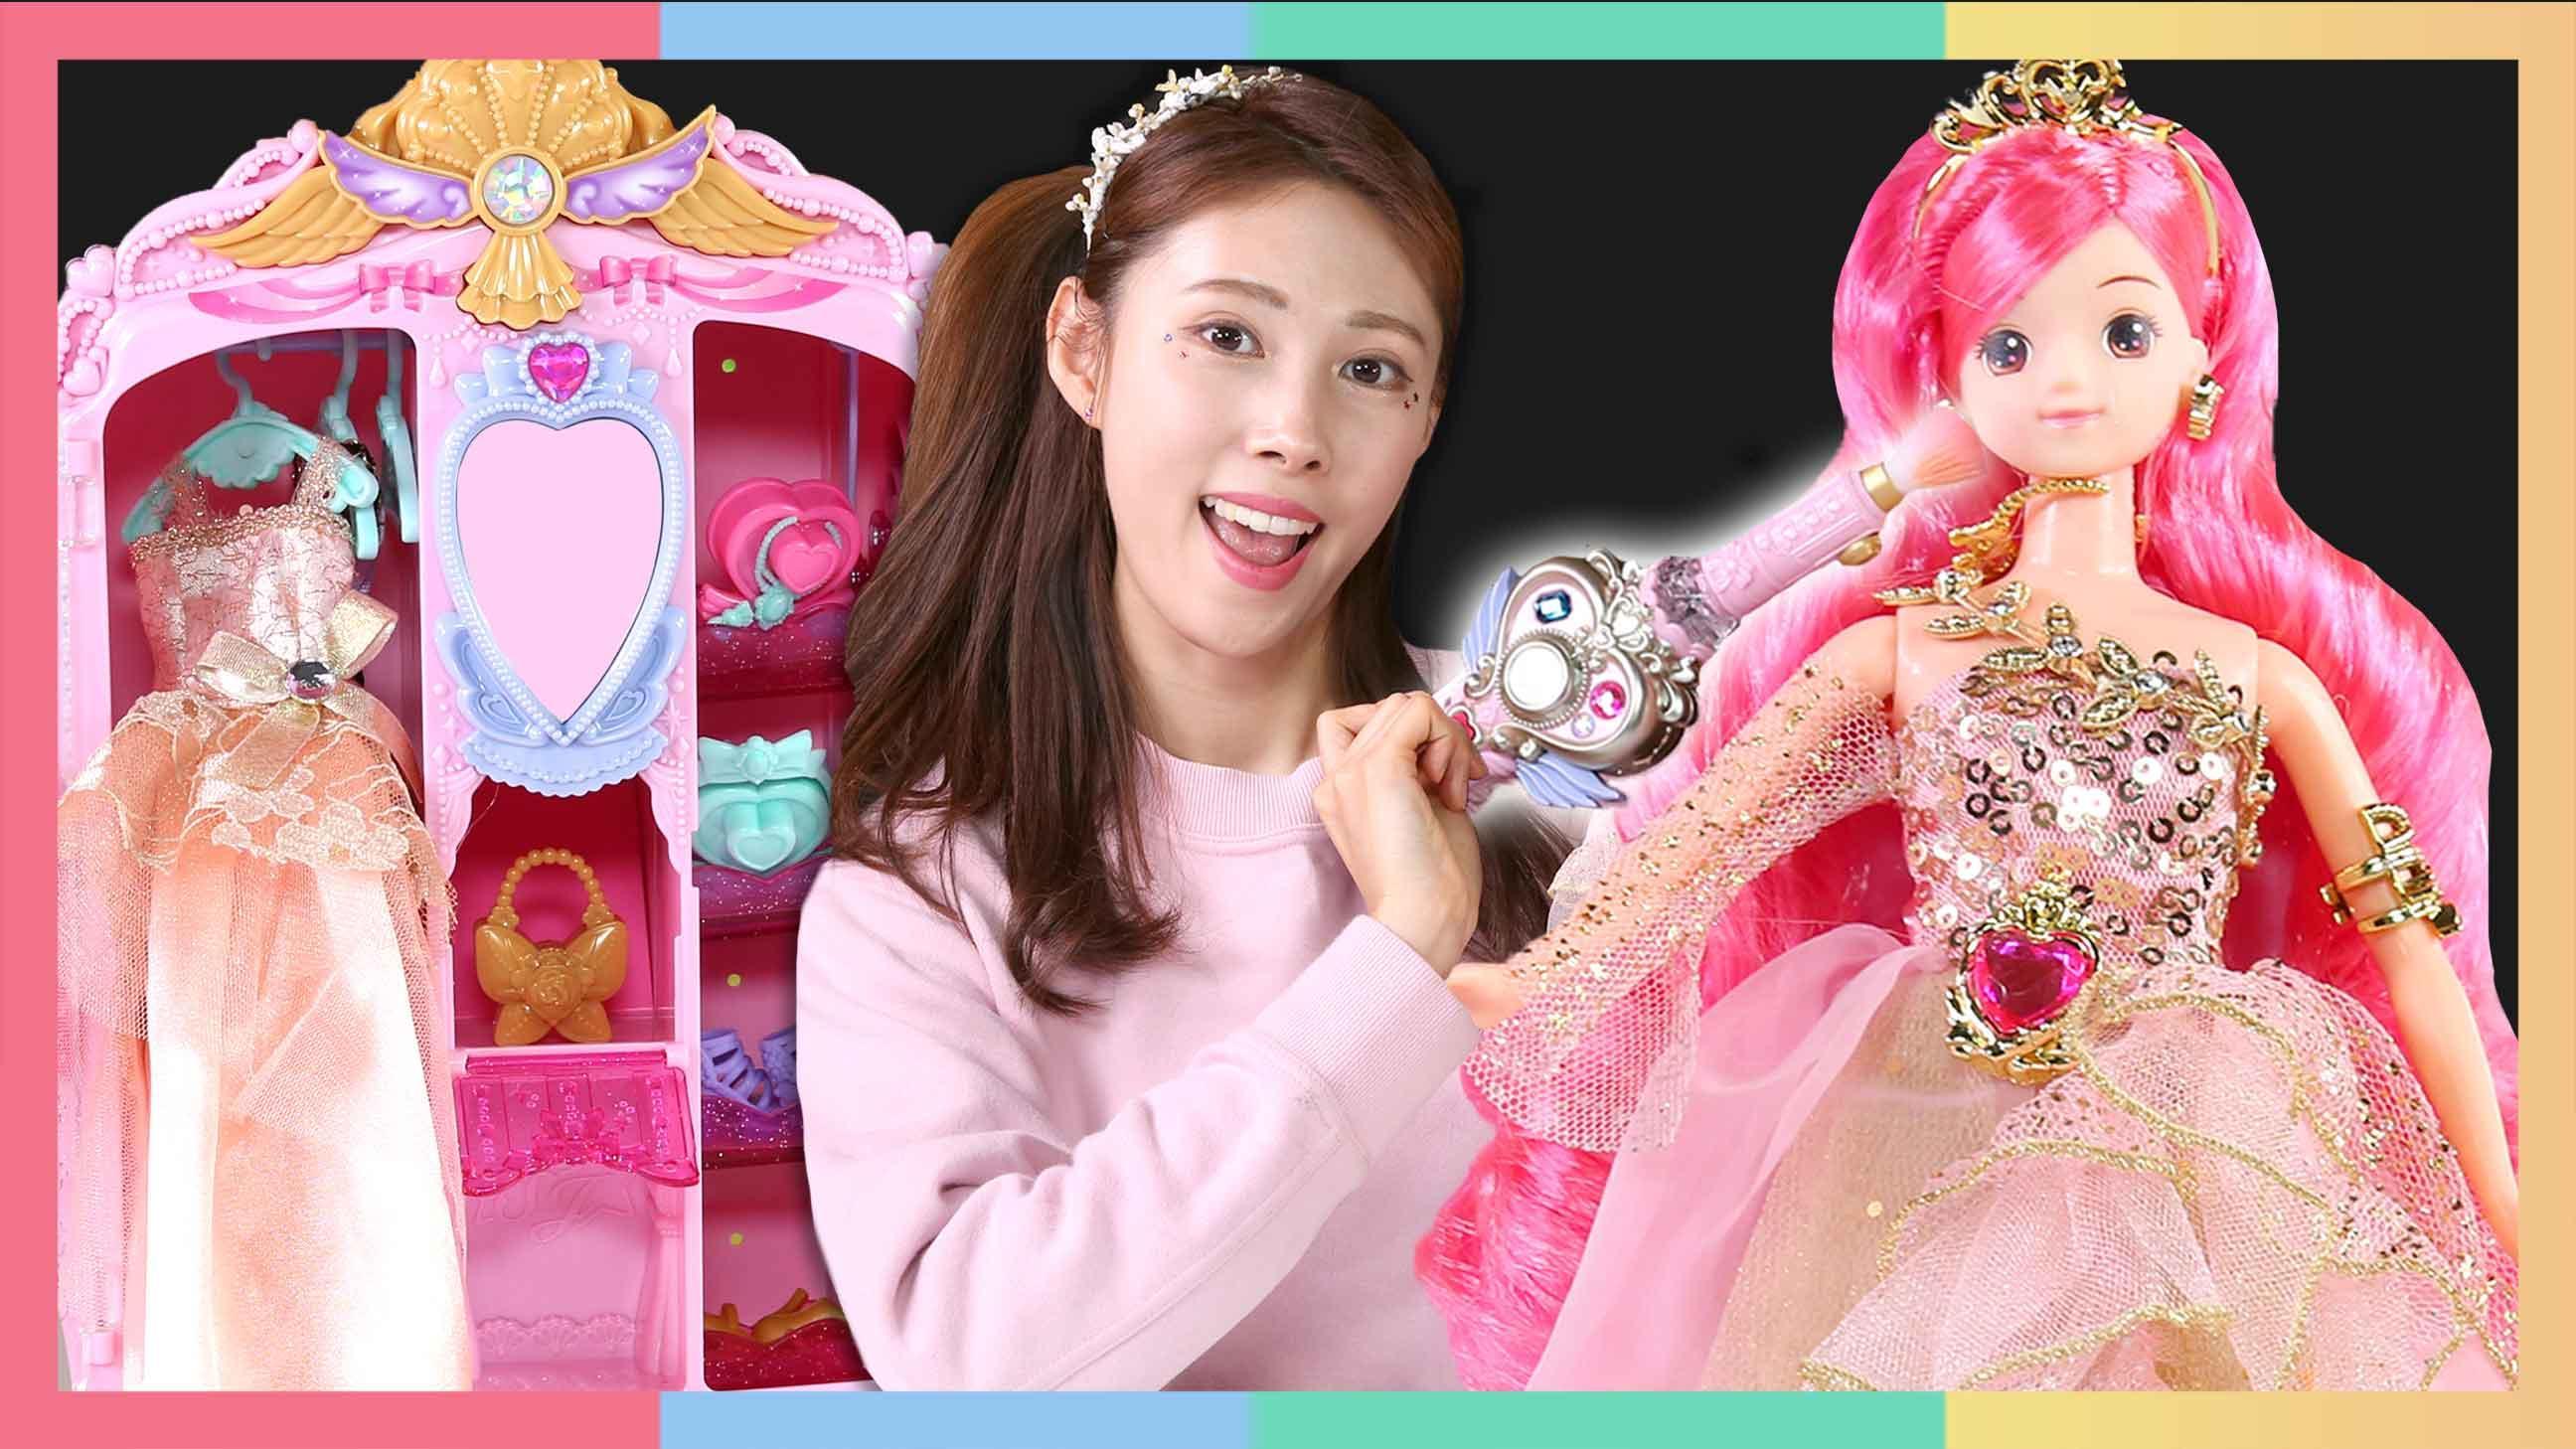 月亮女神的公主衣柜和化妆台开箱 | 凯利和玩具朋友们 CarrieAndToys